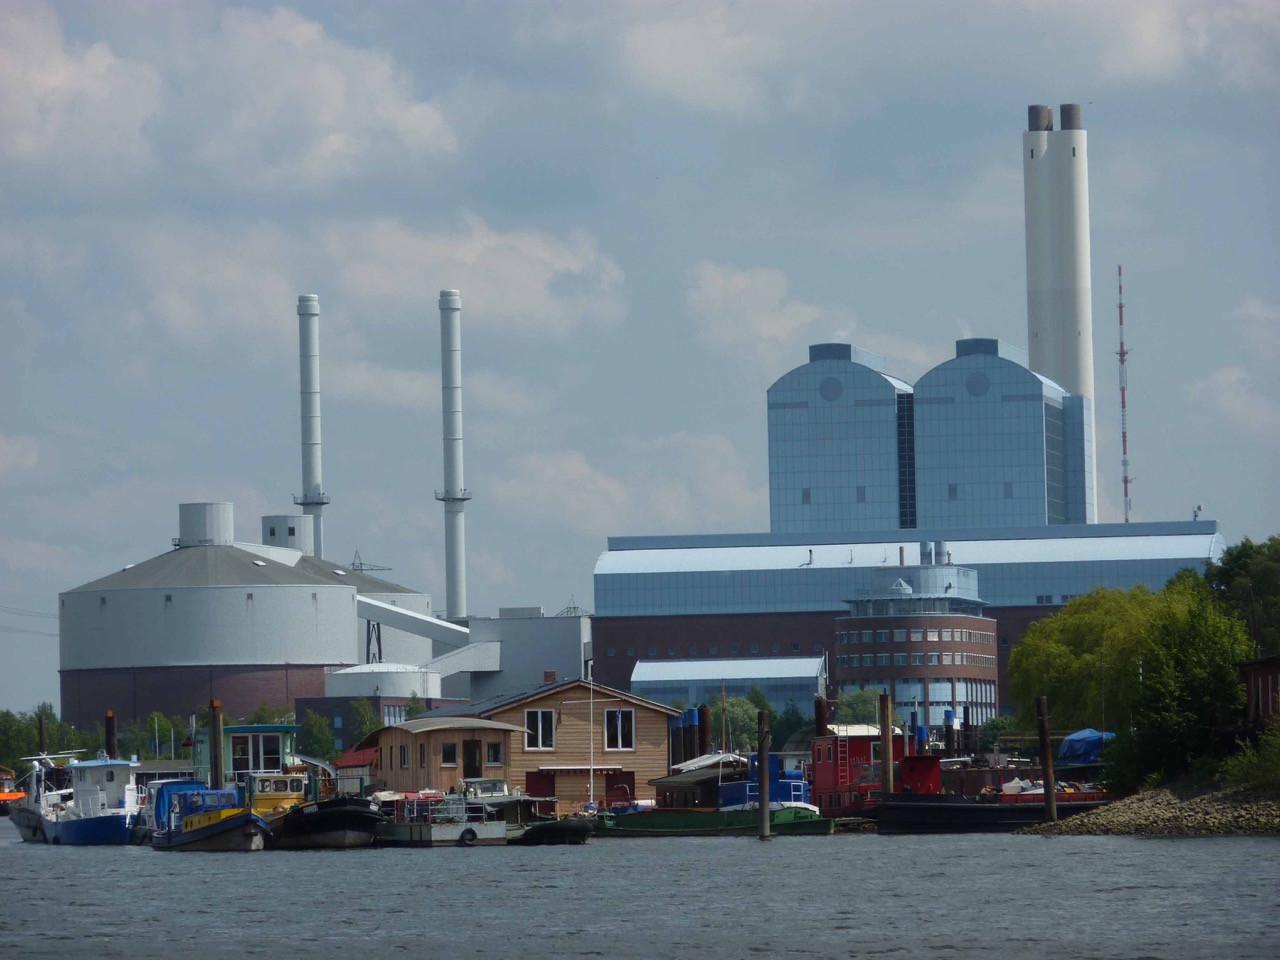 Tiefstack-Heizkraftwerk